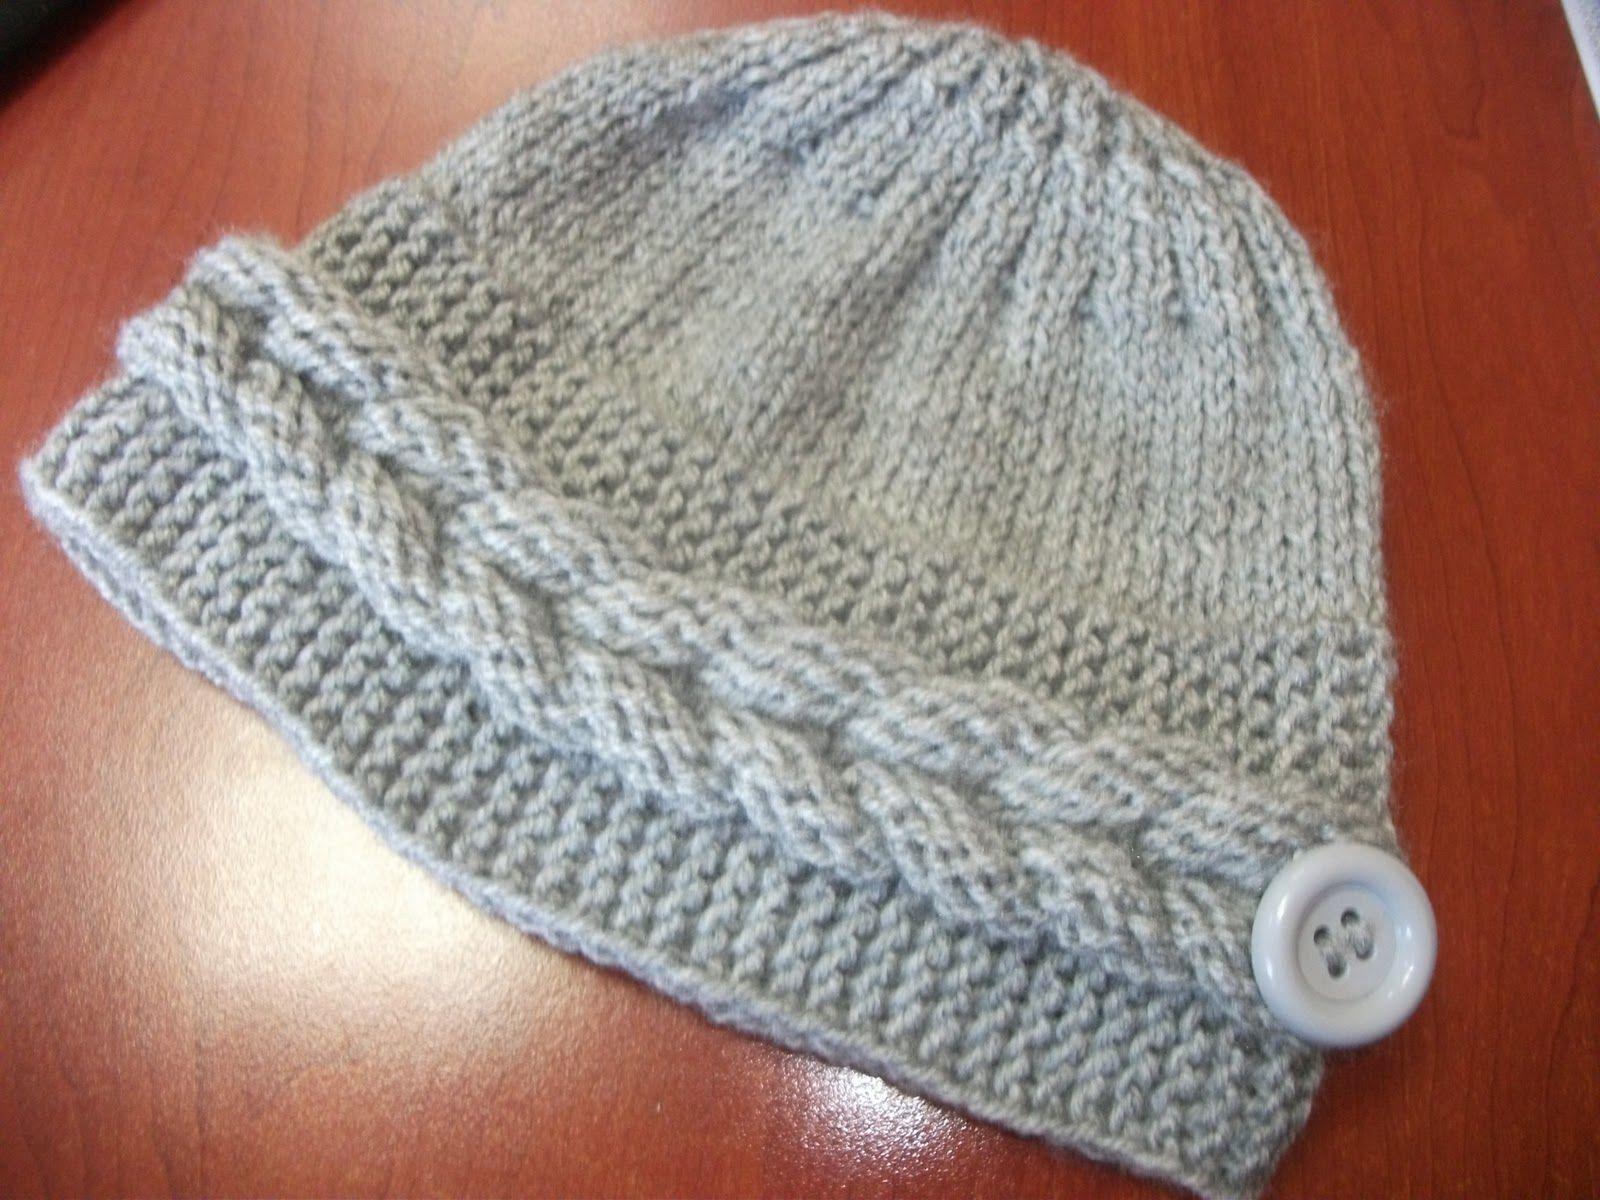 Haroşo örgülü çok şık bayan şapkaları